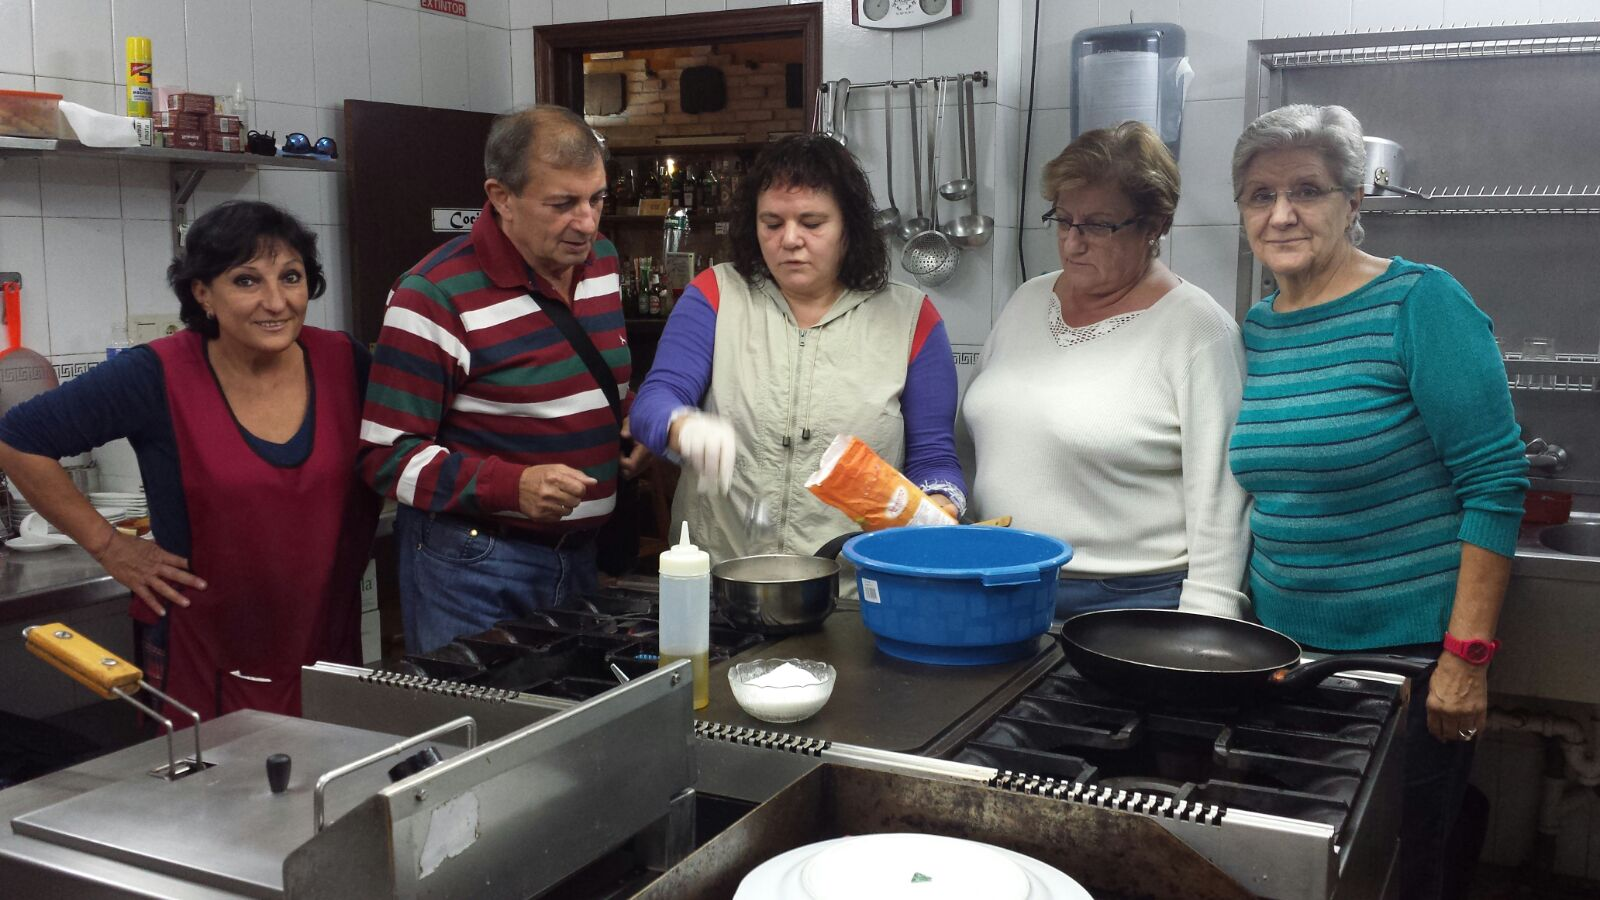 CURSO DE COCINA ASTURIANA EN CENTRO ASTURIANO DE ALICANTE